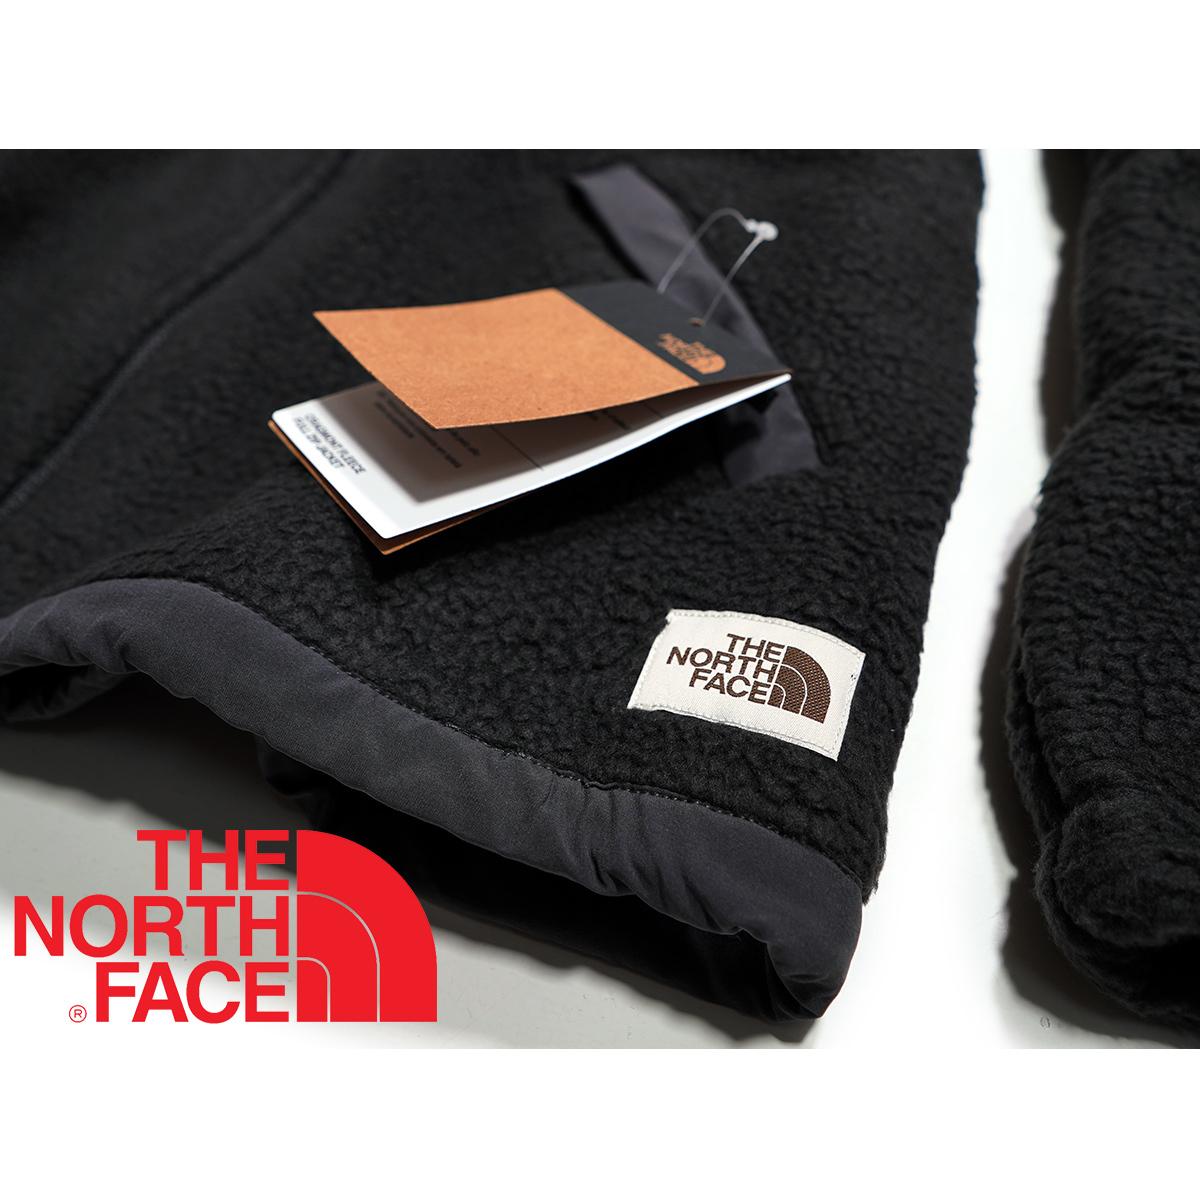 【新品本物 USA購入】THE NORTH FACE ノースフェイス ■ Cragmont Fleece ■ ブラック / L ■シェルパ フリースジャケット 海外限定_画像6